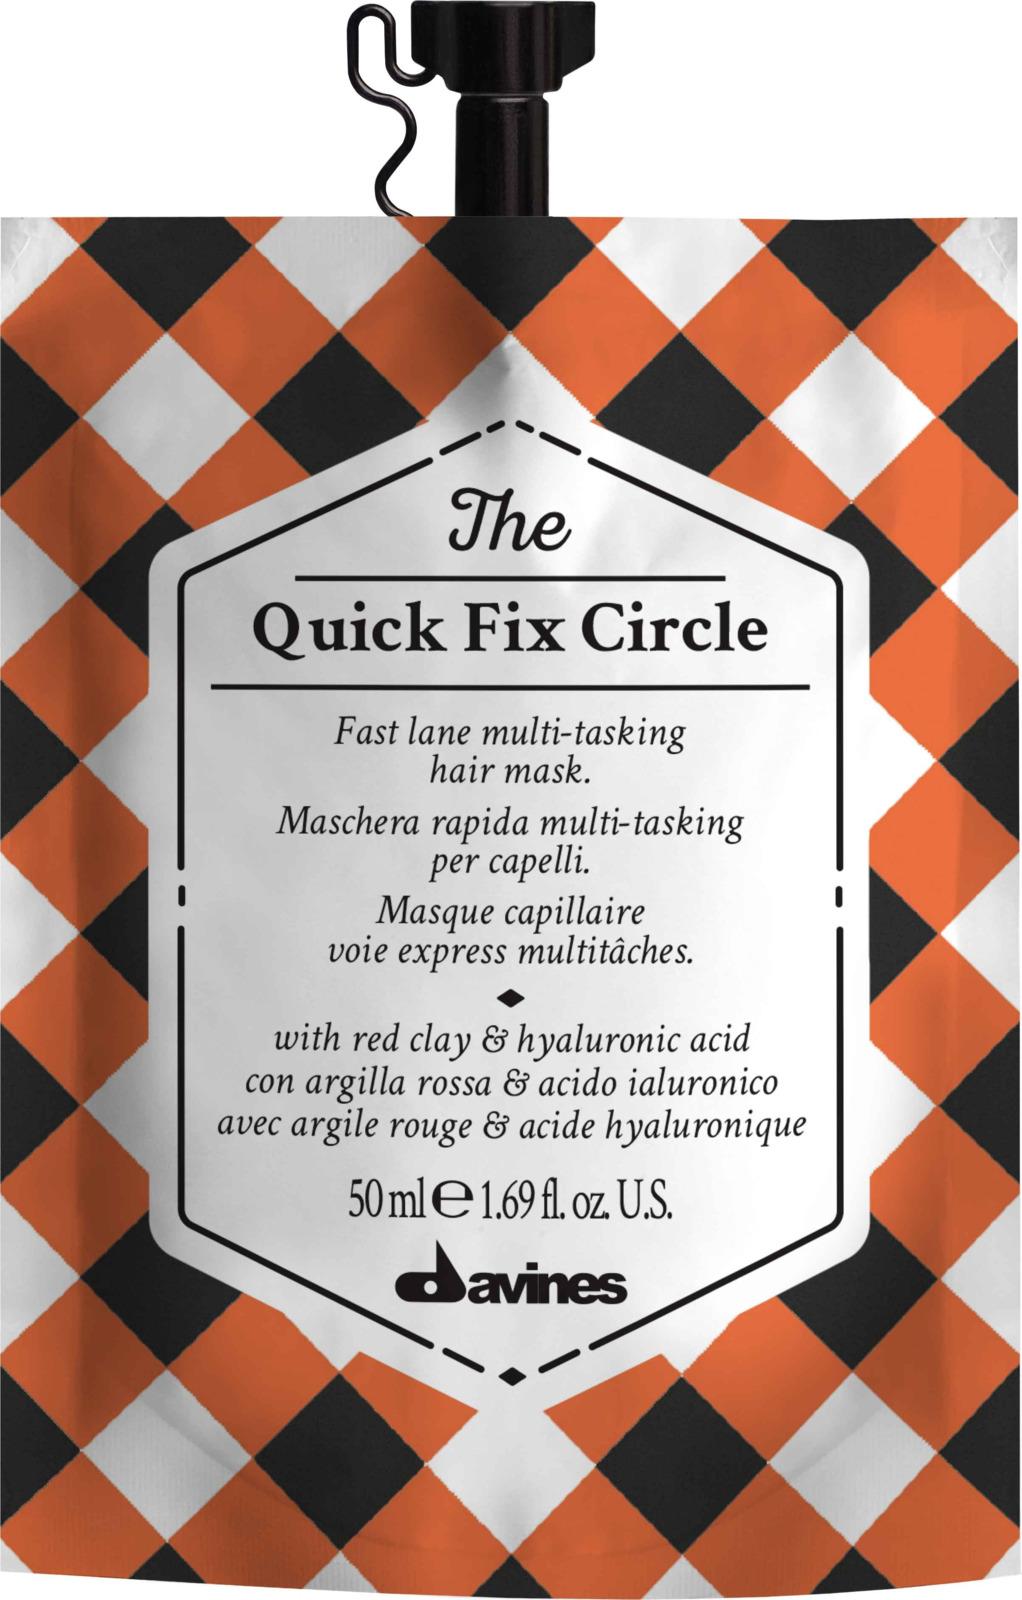 Супербыстрая многофункциональная маска Davines The Quick Fix Circle, 50 мл сша lijia fen гиалуроновой кислоты увлажняющей маски 26г увлажняющая маска монолитных нагруженное